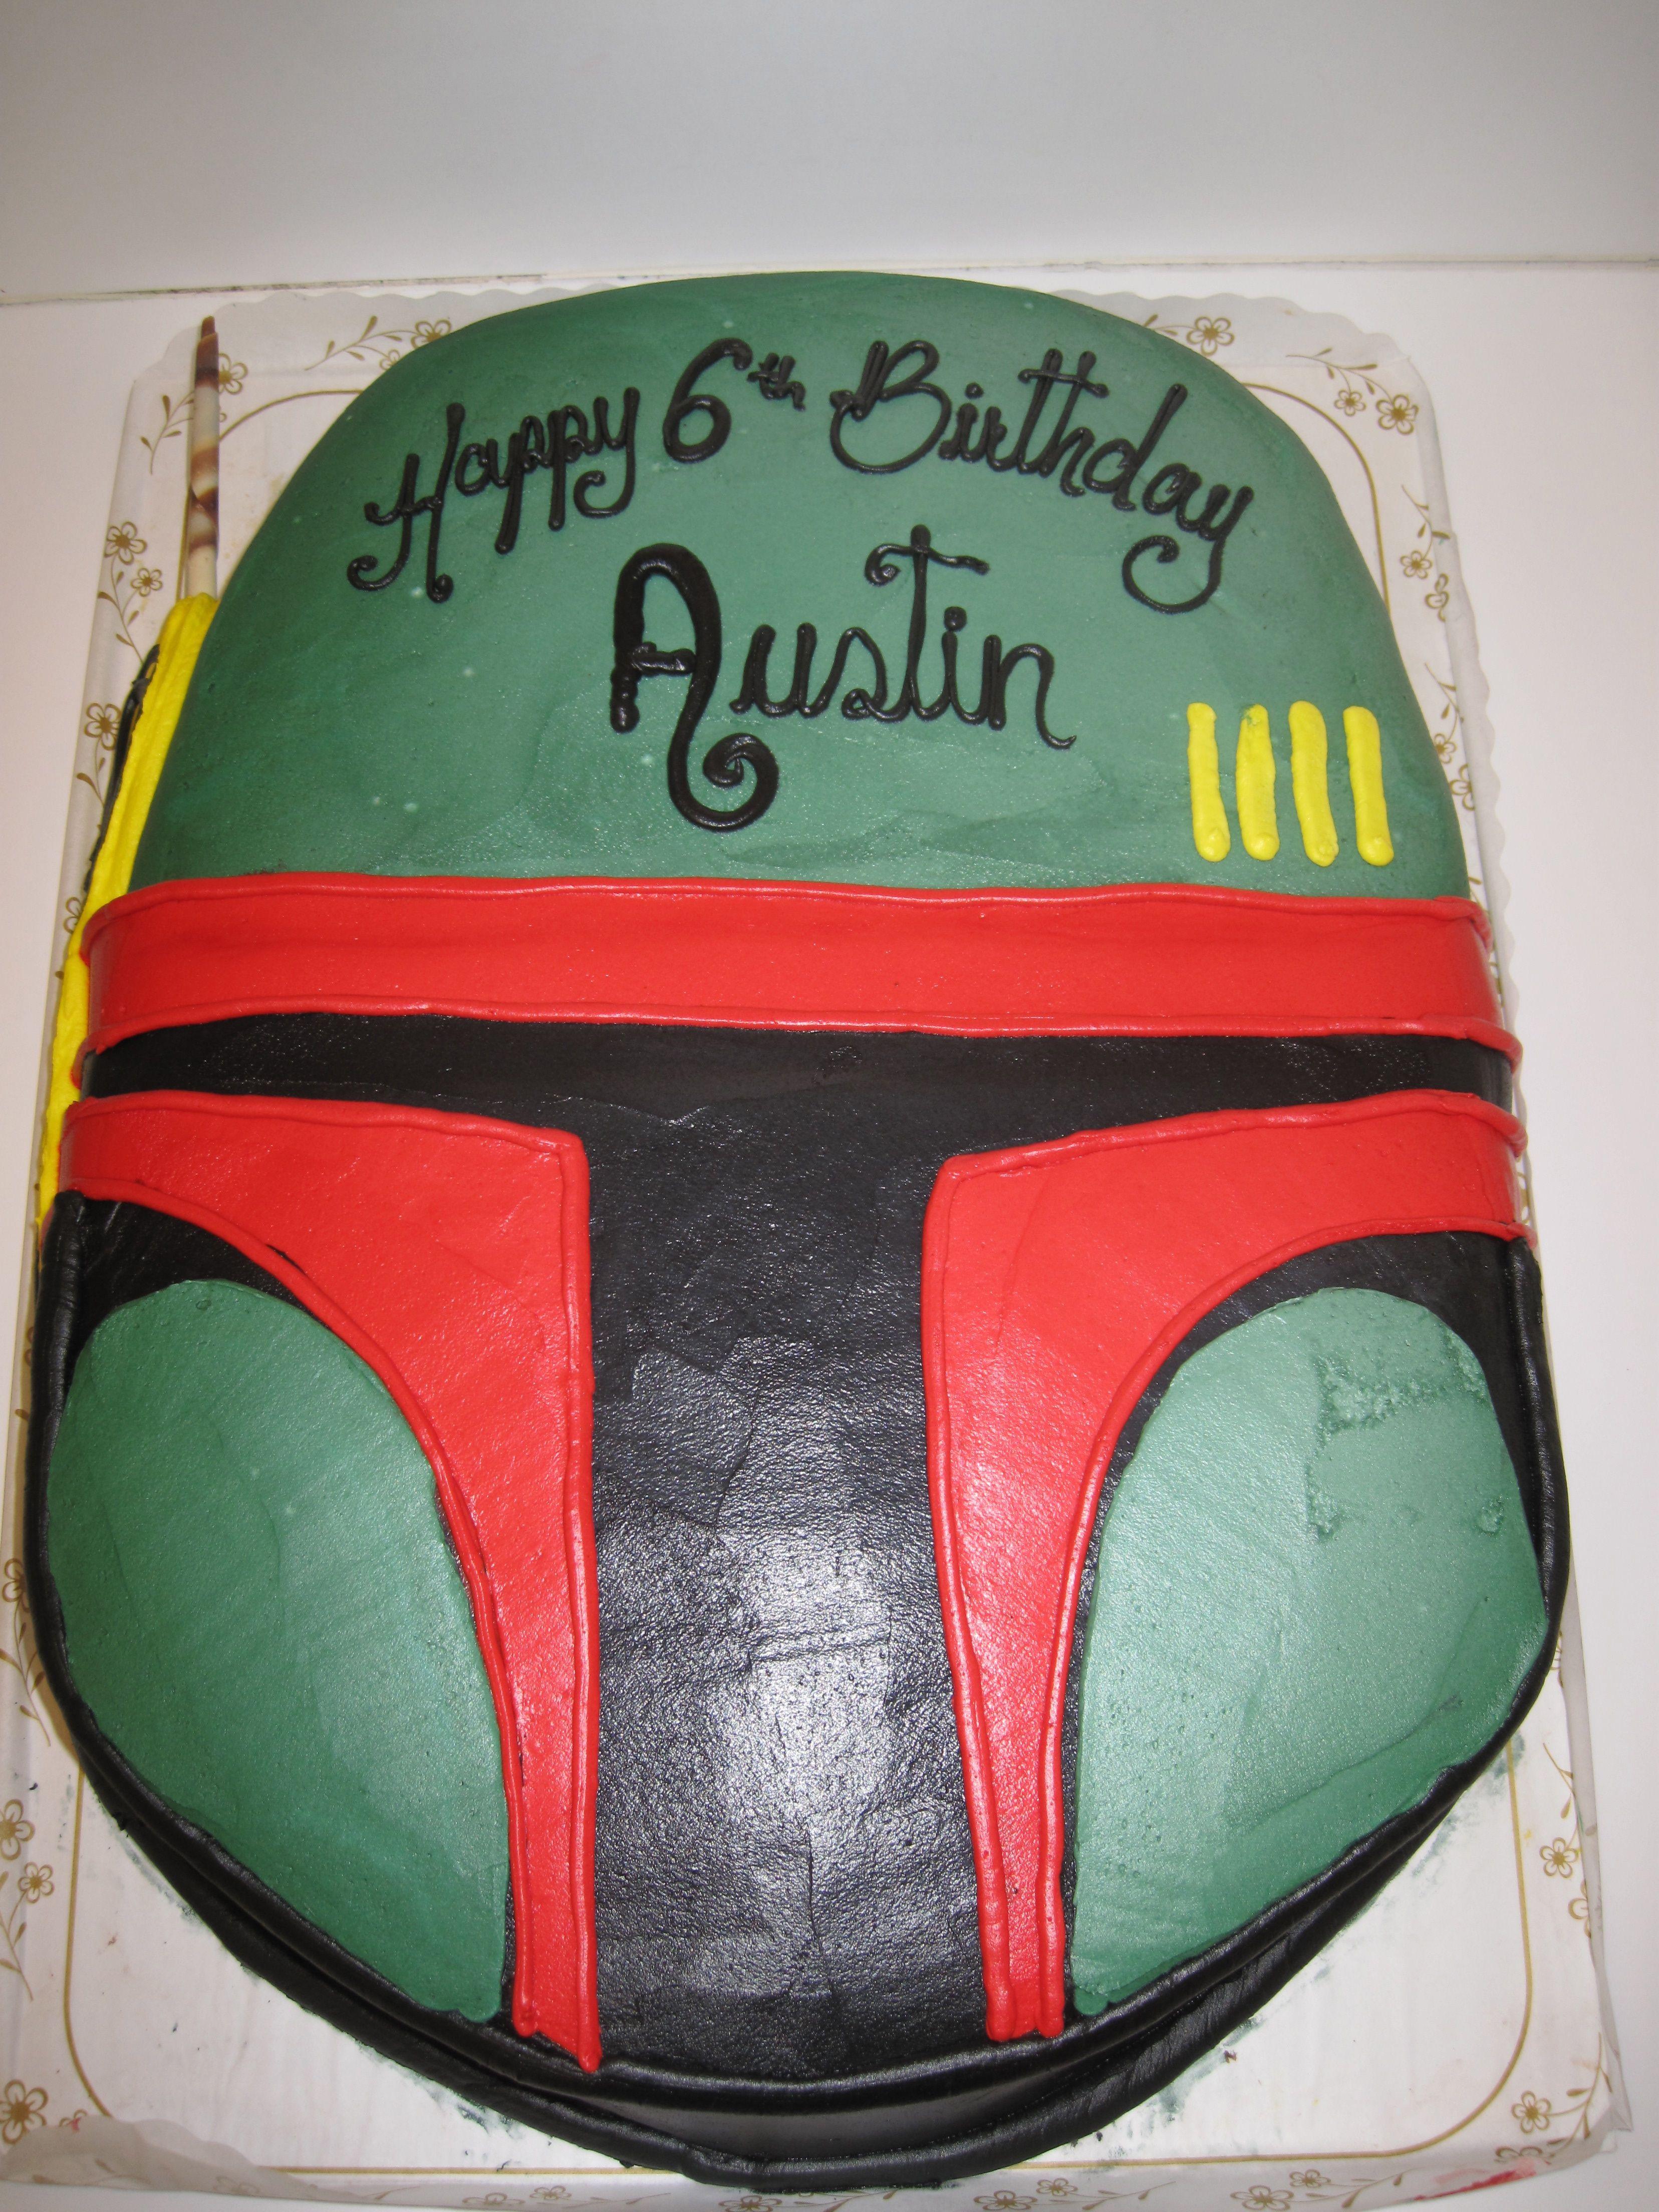 Memorial Bakery in Houston made this Star Wars Boba Fett cake for